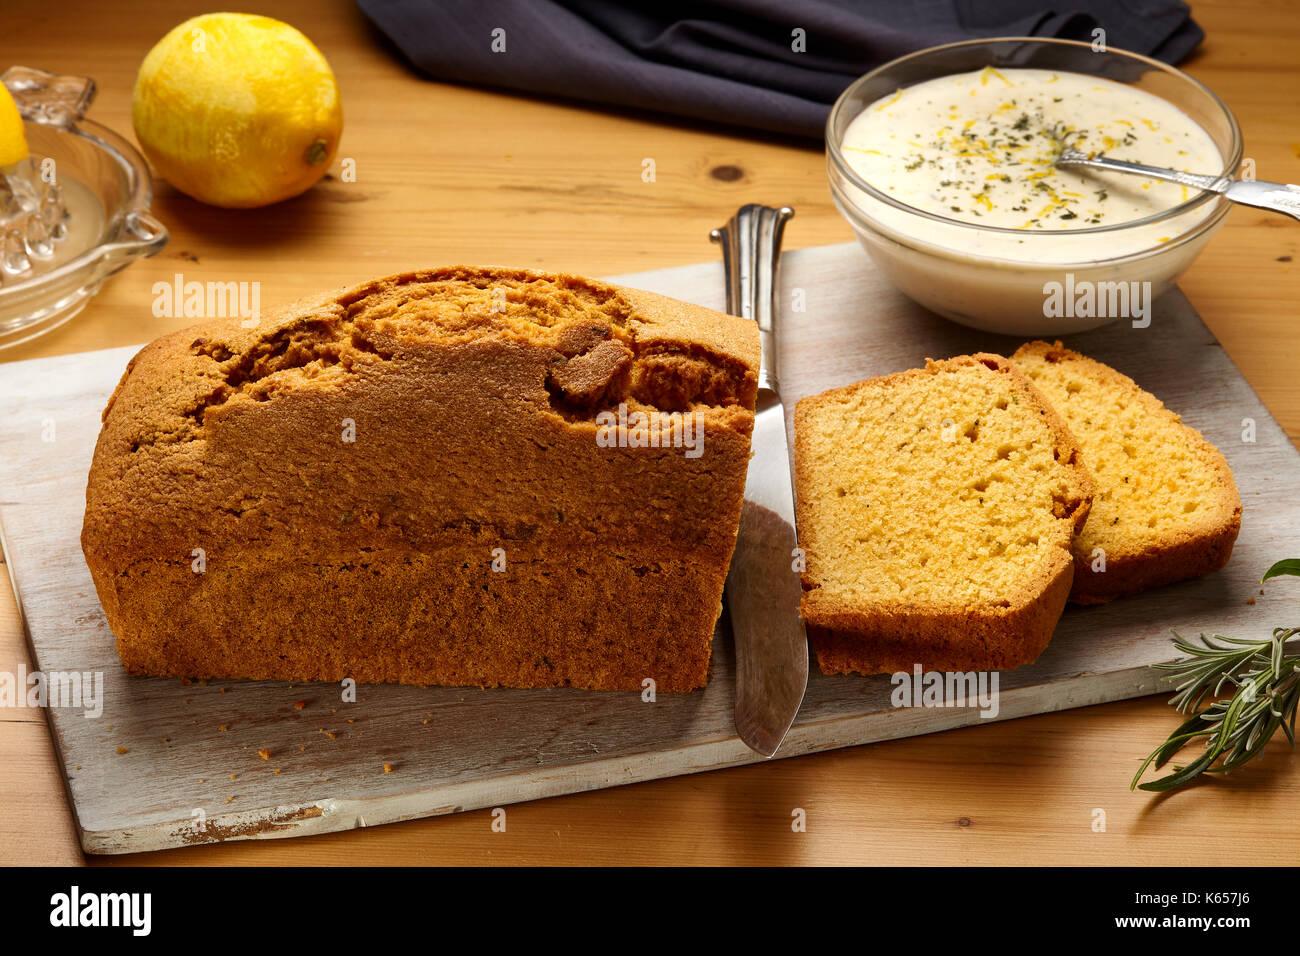 Lemon lavender loaf - Stock Image